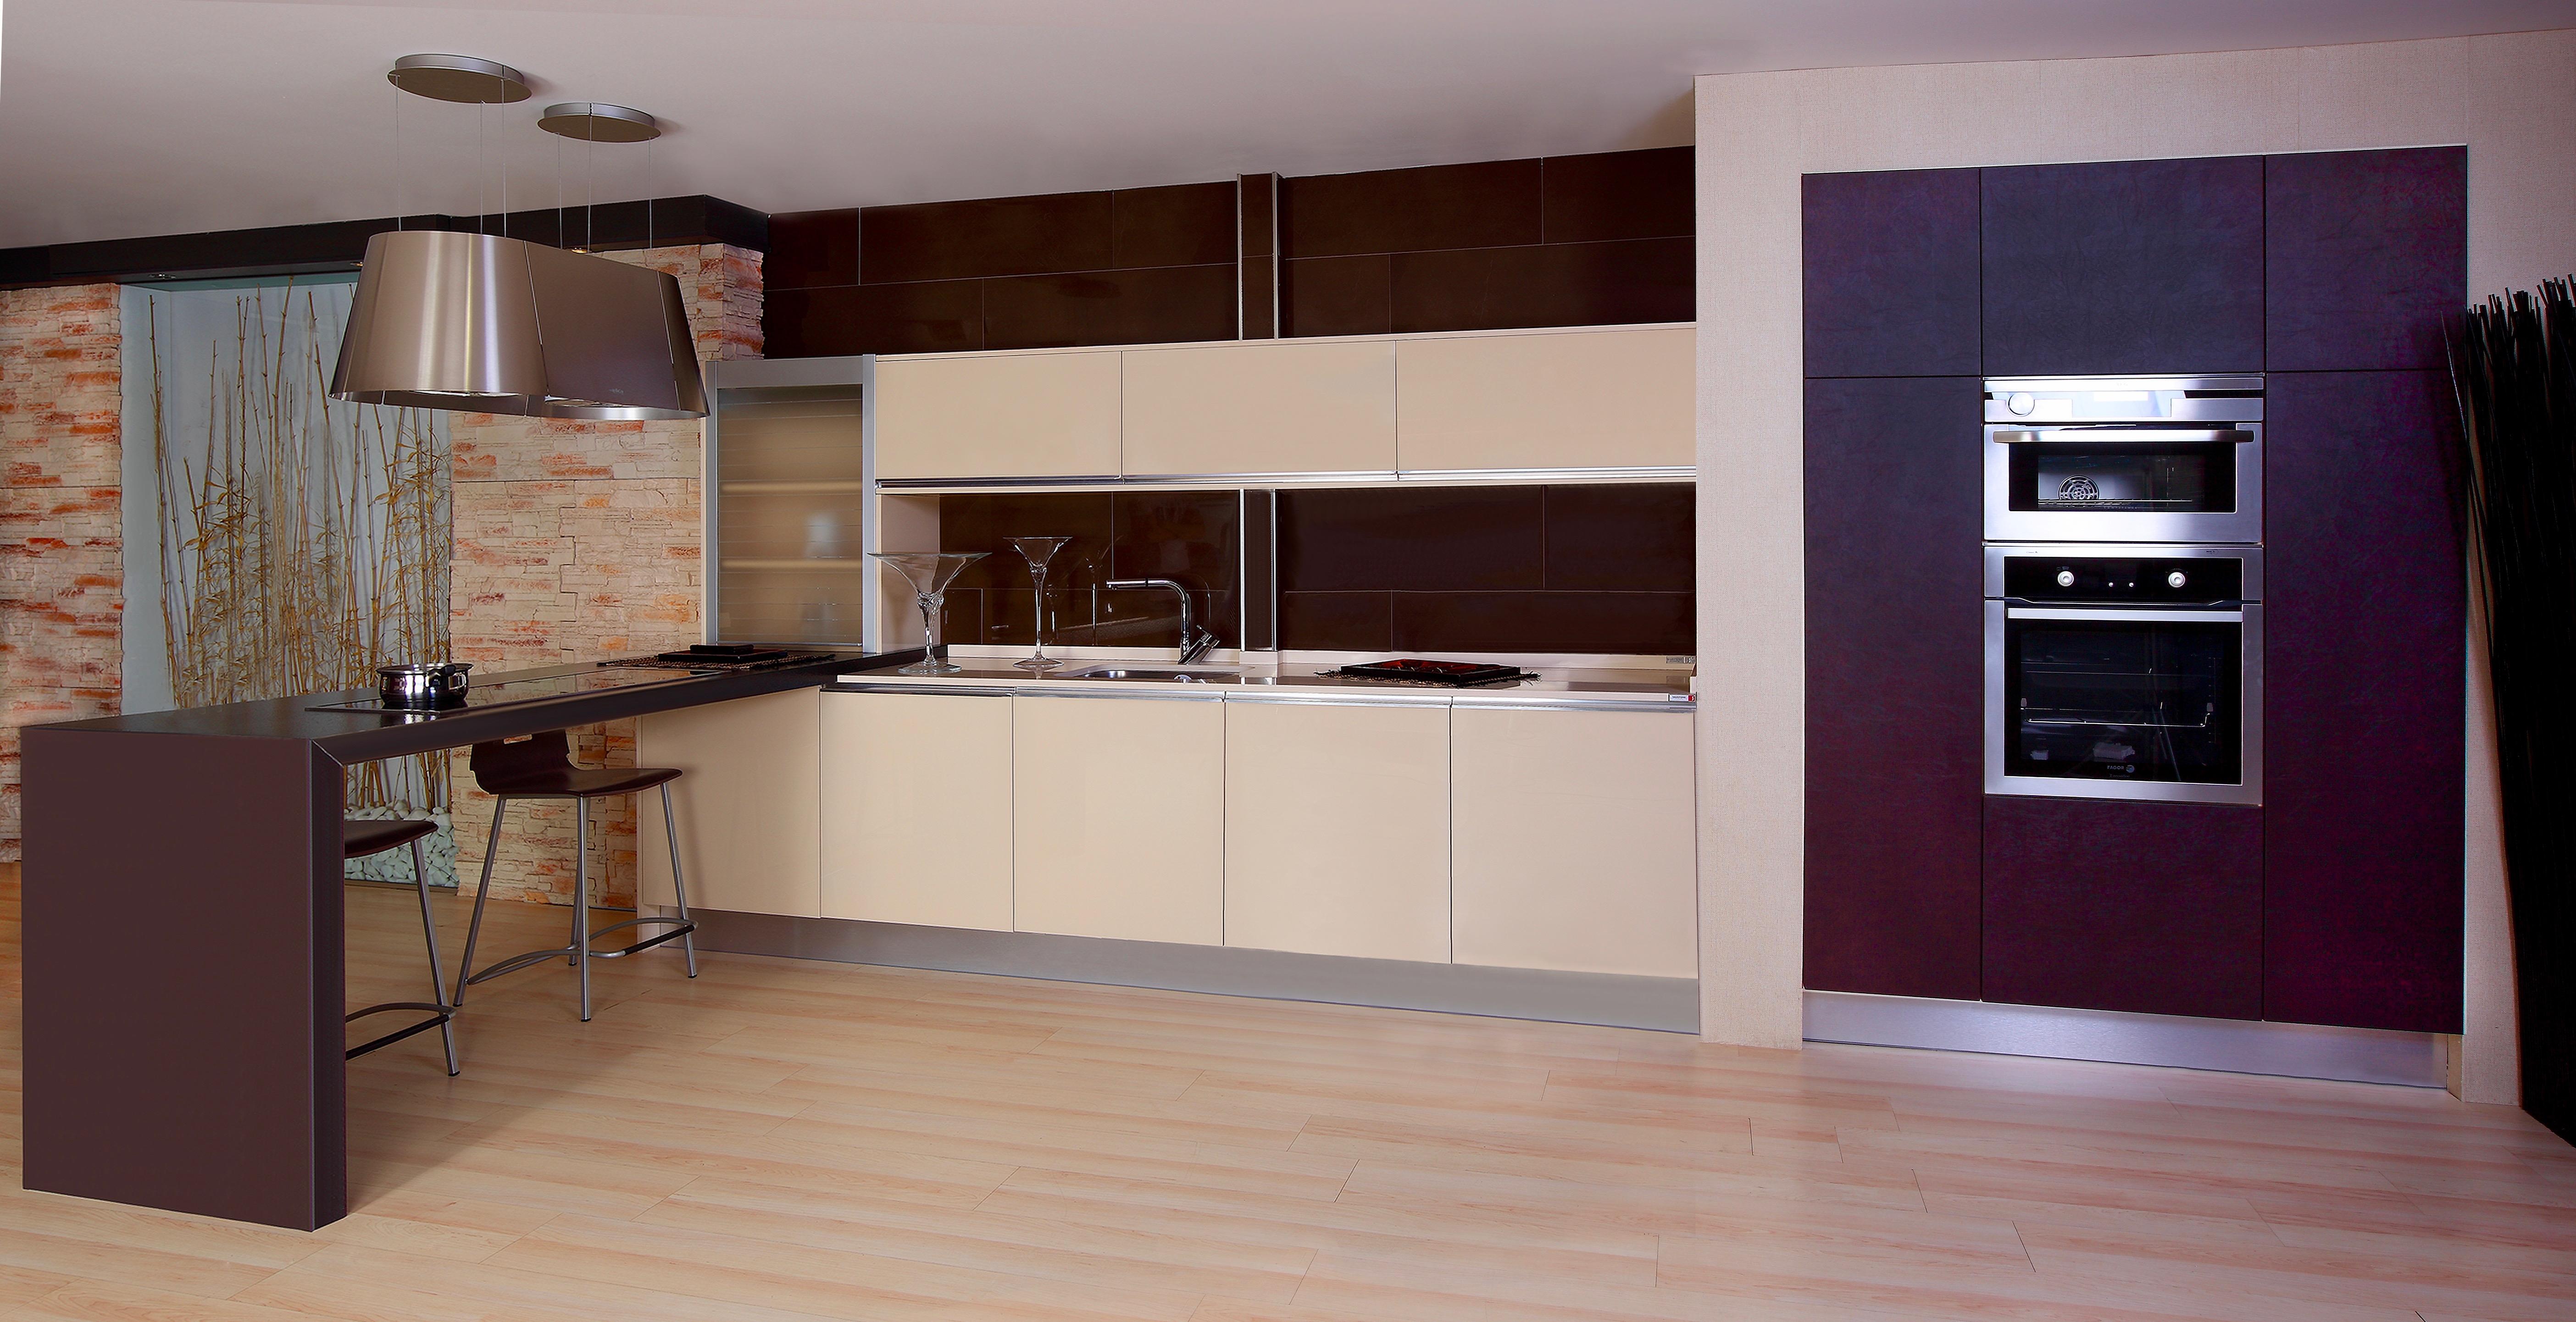 Nuestras cocinas premium00 josman hermanos tienda de for Cocinas santander